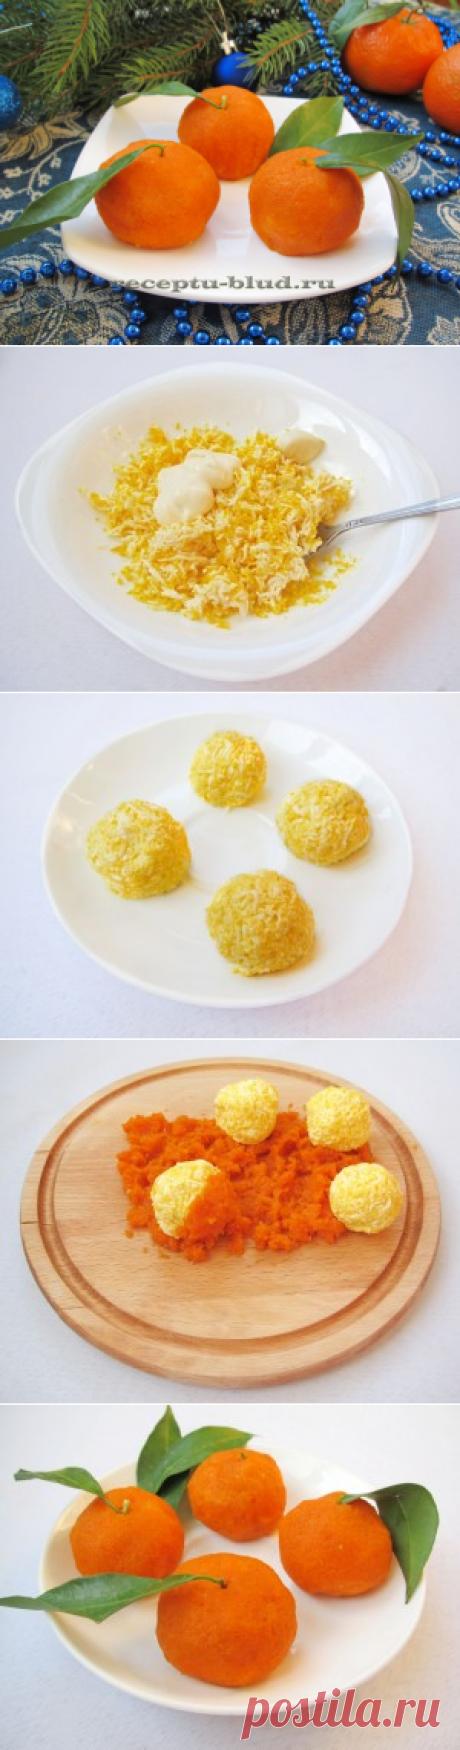 Mandarinki – la colación para la mesa de fiesta